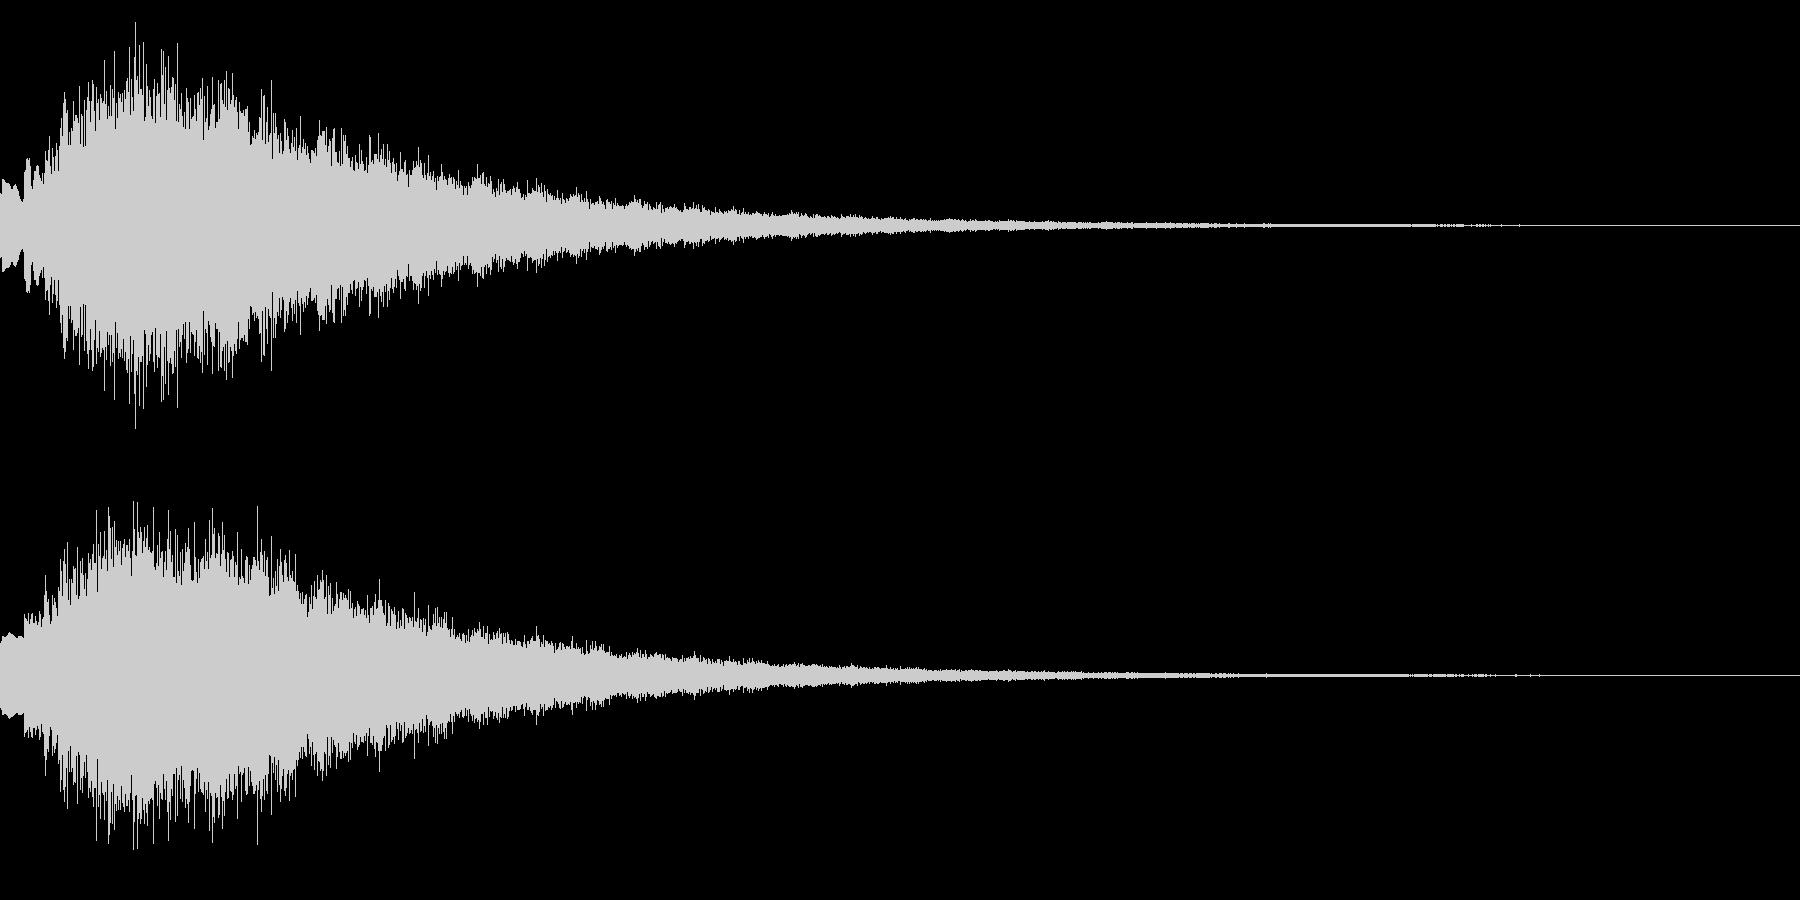 キラキラ シャララーン アイキャッチ04の未再生の波形